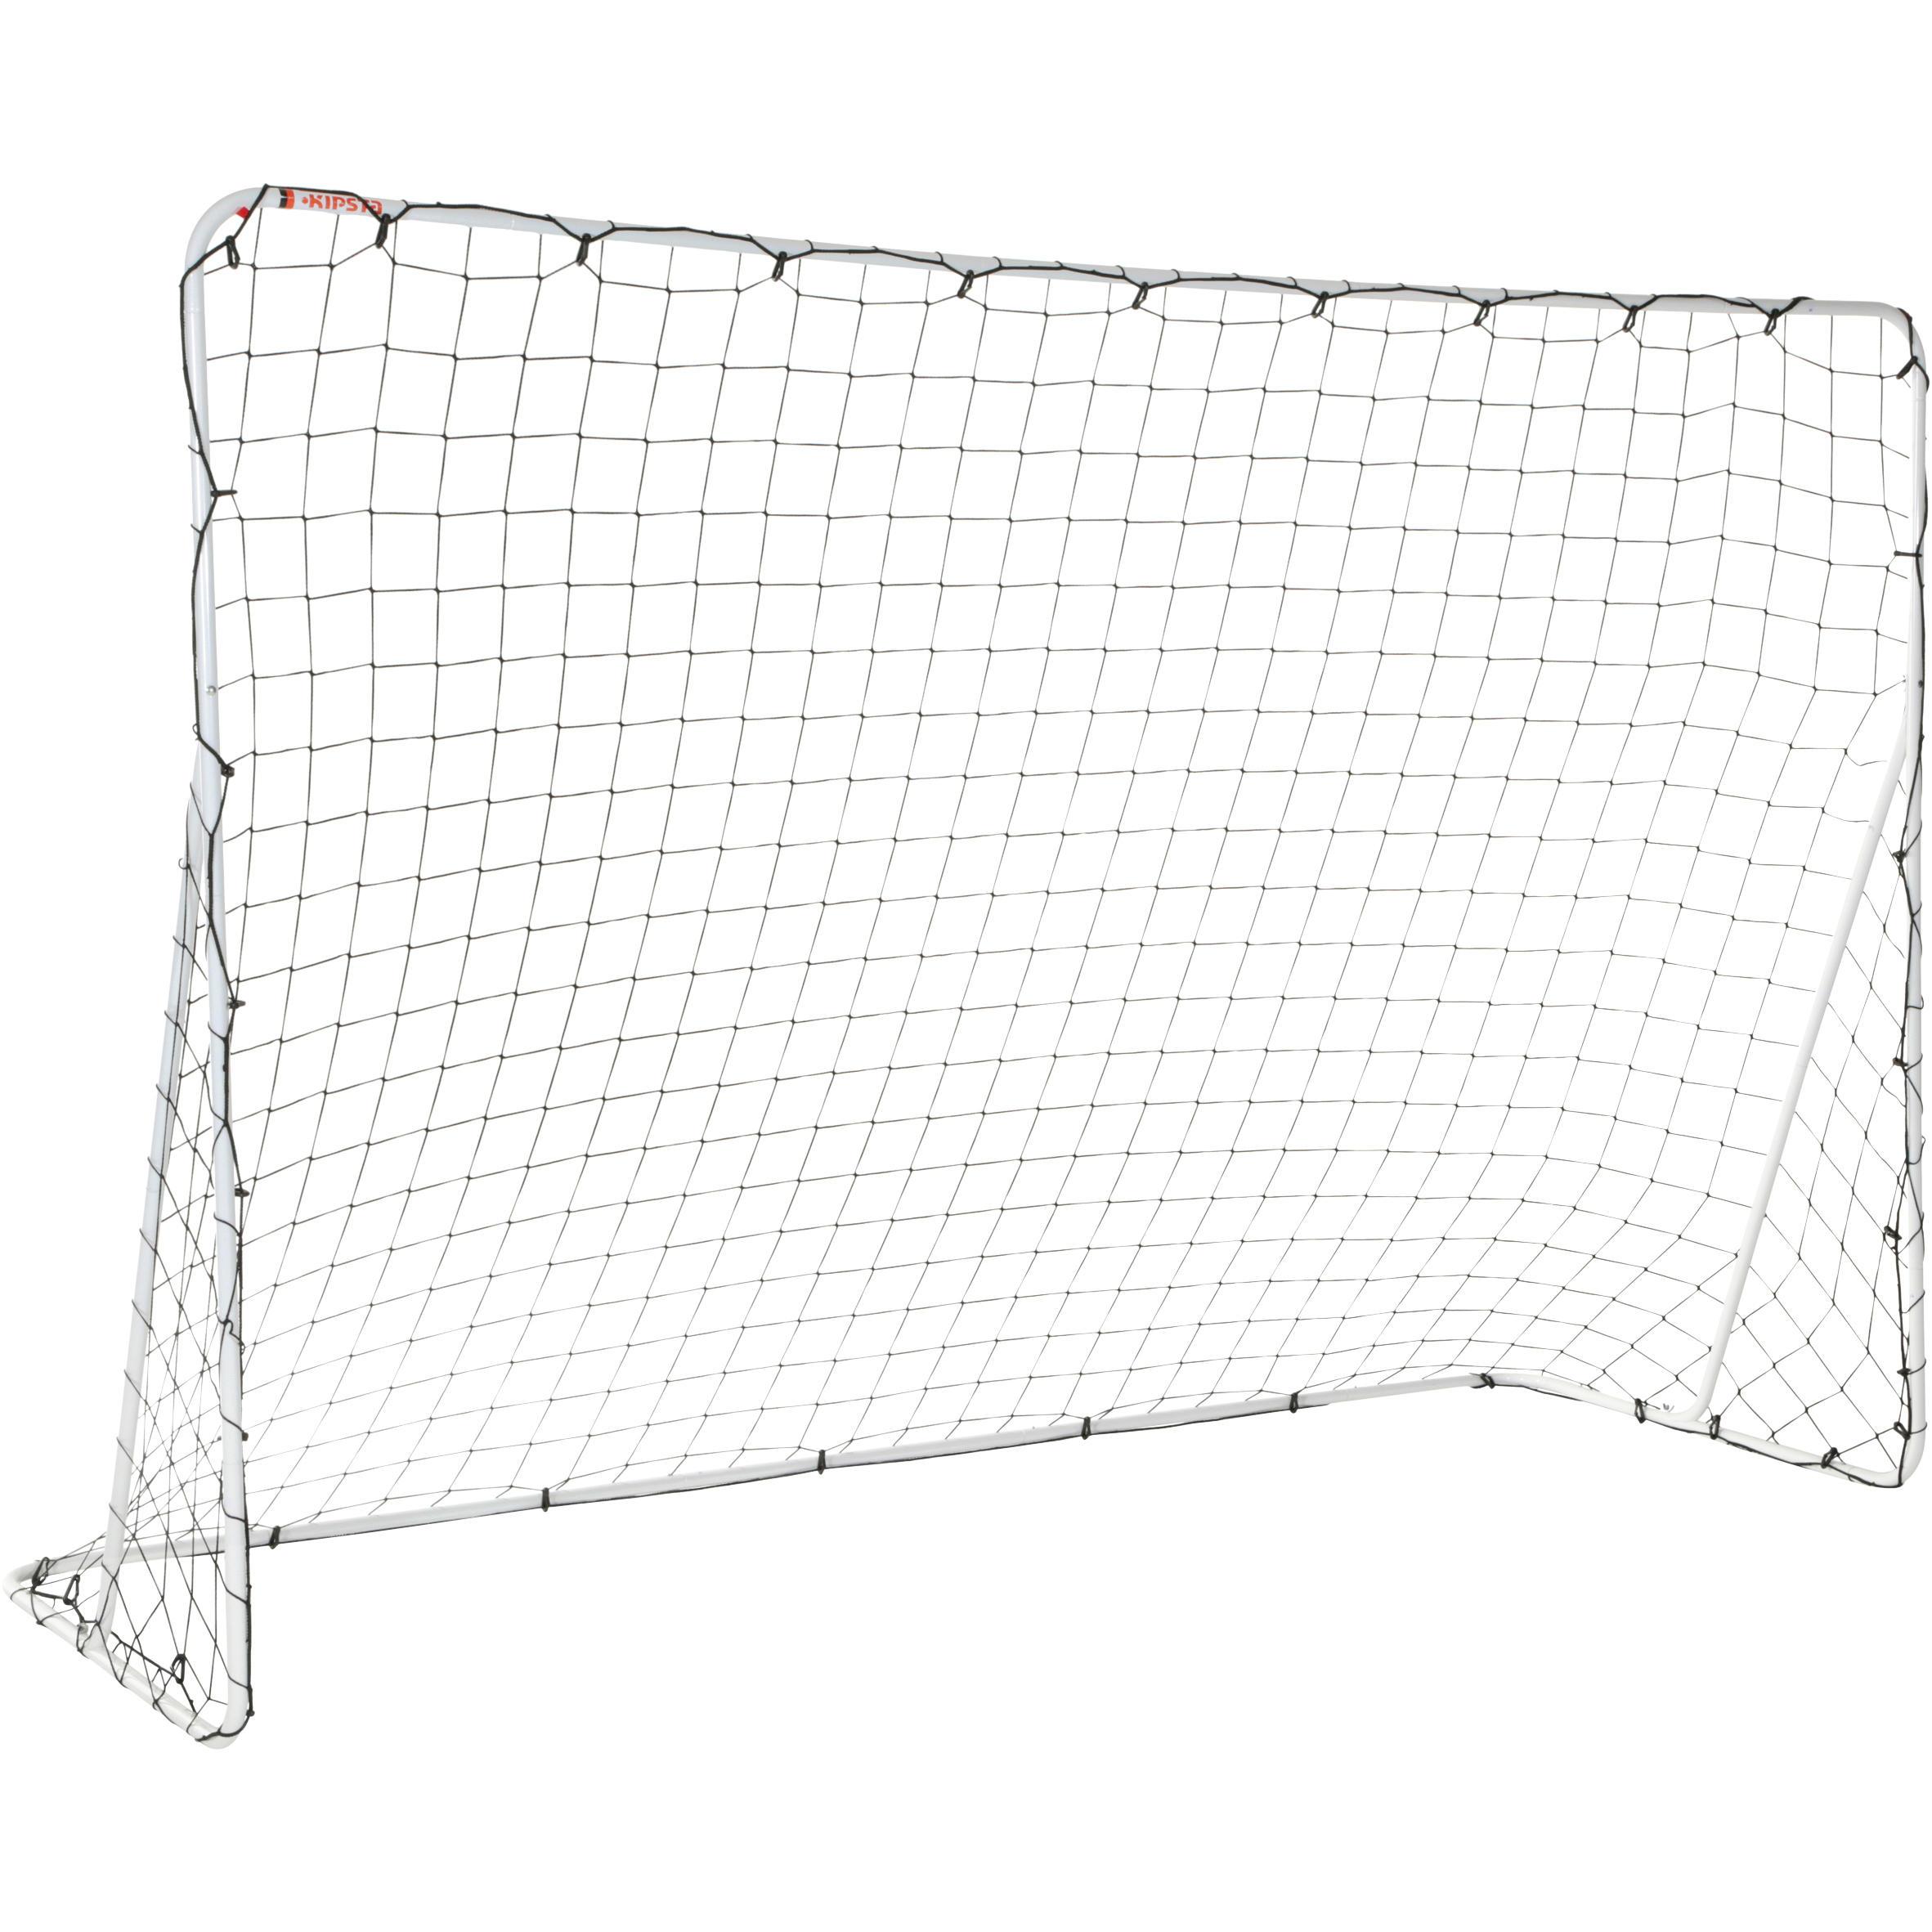 Poartă Fotbal SG100 Mărimea L